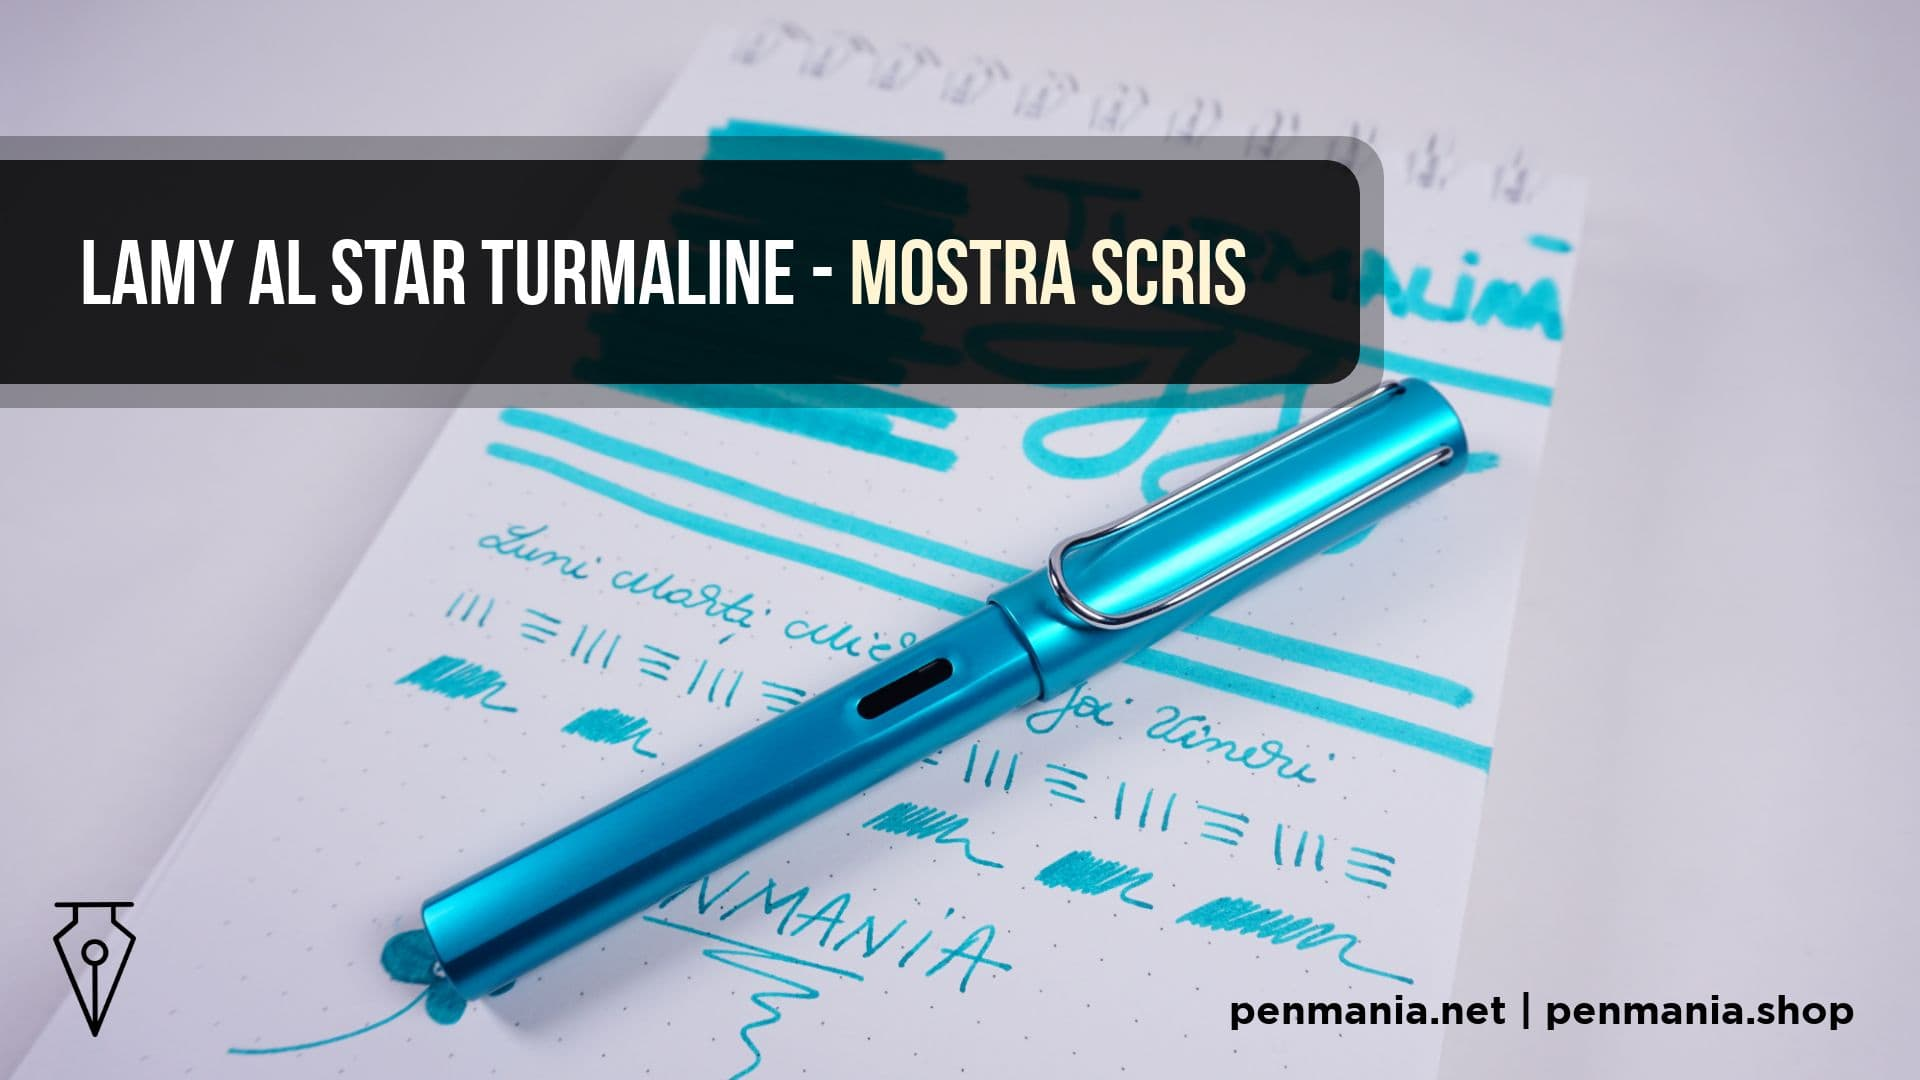 Coperta Video Mostra Scris Culoare Lamy Al Star Turmalina Penmania Shop